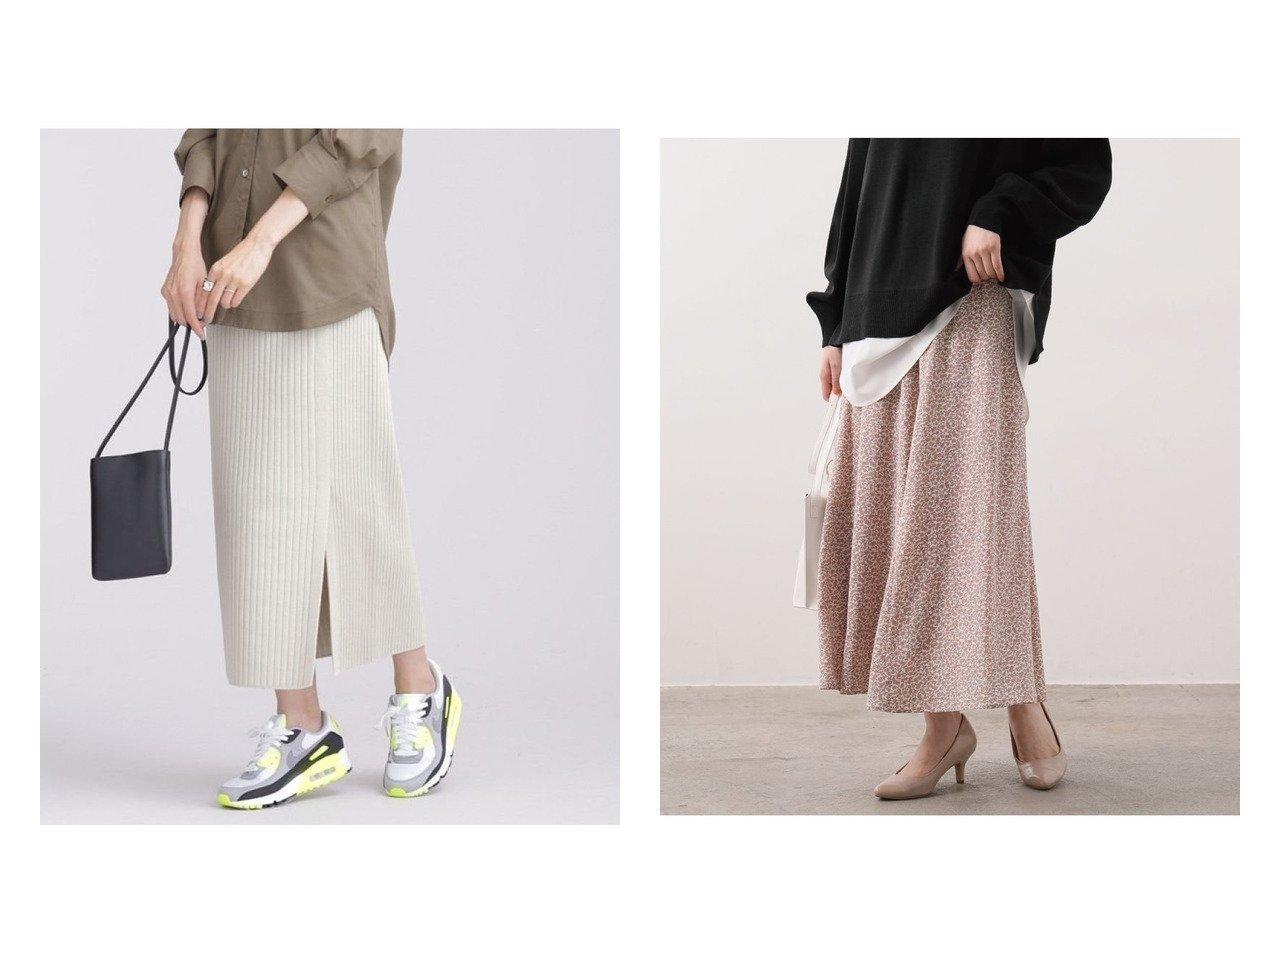 【nano universe/ナノ ユニバース】の思いきり洗えるニット サイドスリットスカート&【VIS/ビス】の切替マーメイドスカート スカートのおすすめ!人気、トレンド・レディースファッションの通販  おすすめで人気の流行・トレンド、ファッションの通販商品 メンズファッション・キッズファッション・インテリア・家具・レディースファッション・服の通販 founy(ファニー) https://founy.com/ ファッション Fashion レディースファッション WOMEN スカート Skirt アクリル 洗える カットソー コンパクト スタンダード セットアップ ロング NEW・新作・新着・新入荷 New Arrivals フィット フラワー マーメイド 冬 Winter 切替 春 Spring  ID:crp329100000010782